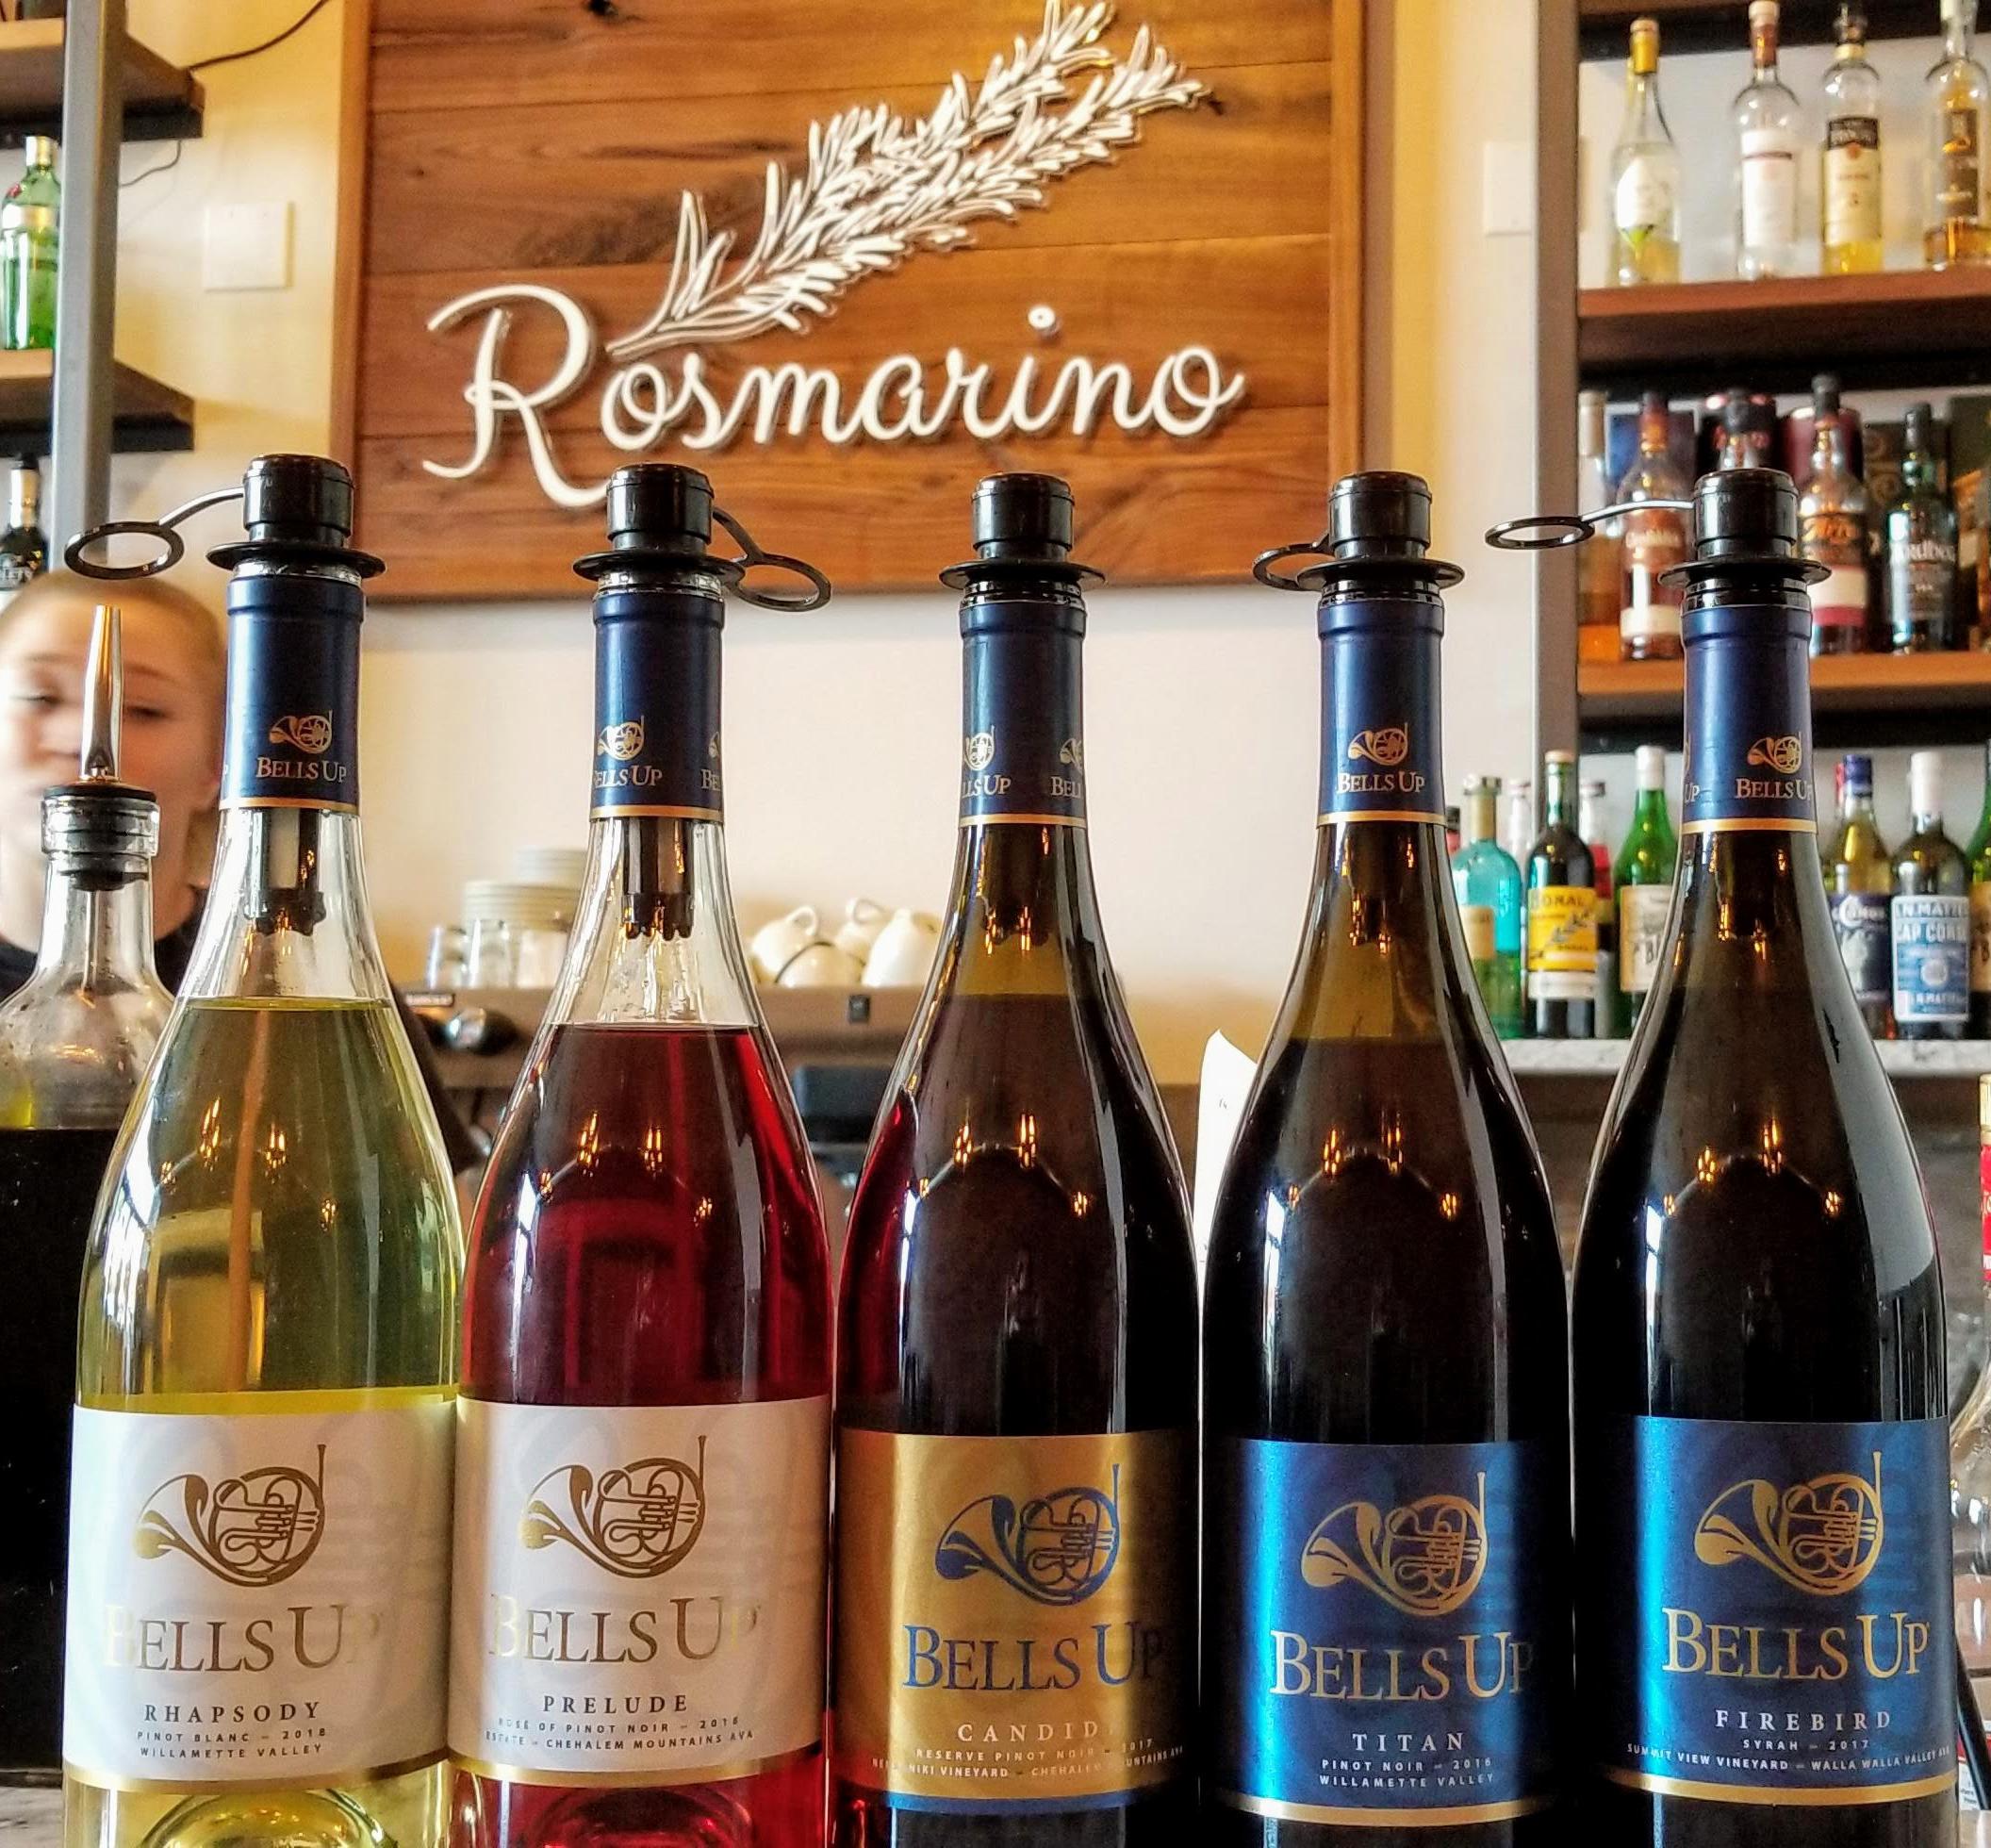 Rosmarino BellsUp Oct252019 Crop - Bells Up winemaker dinner at Rosmarino